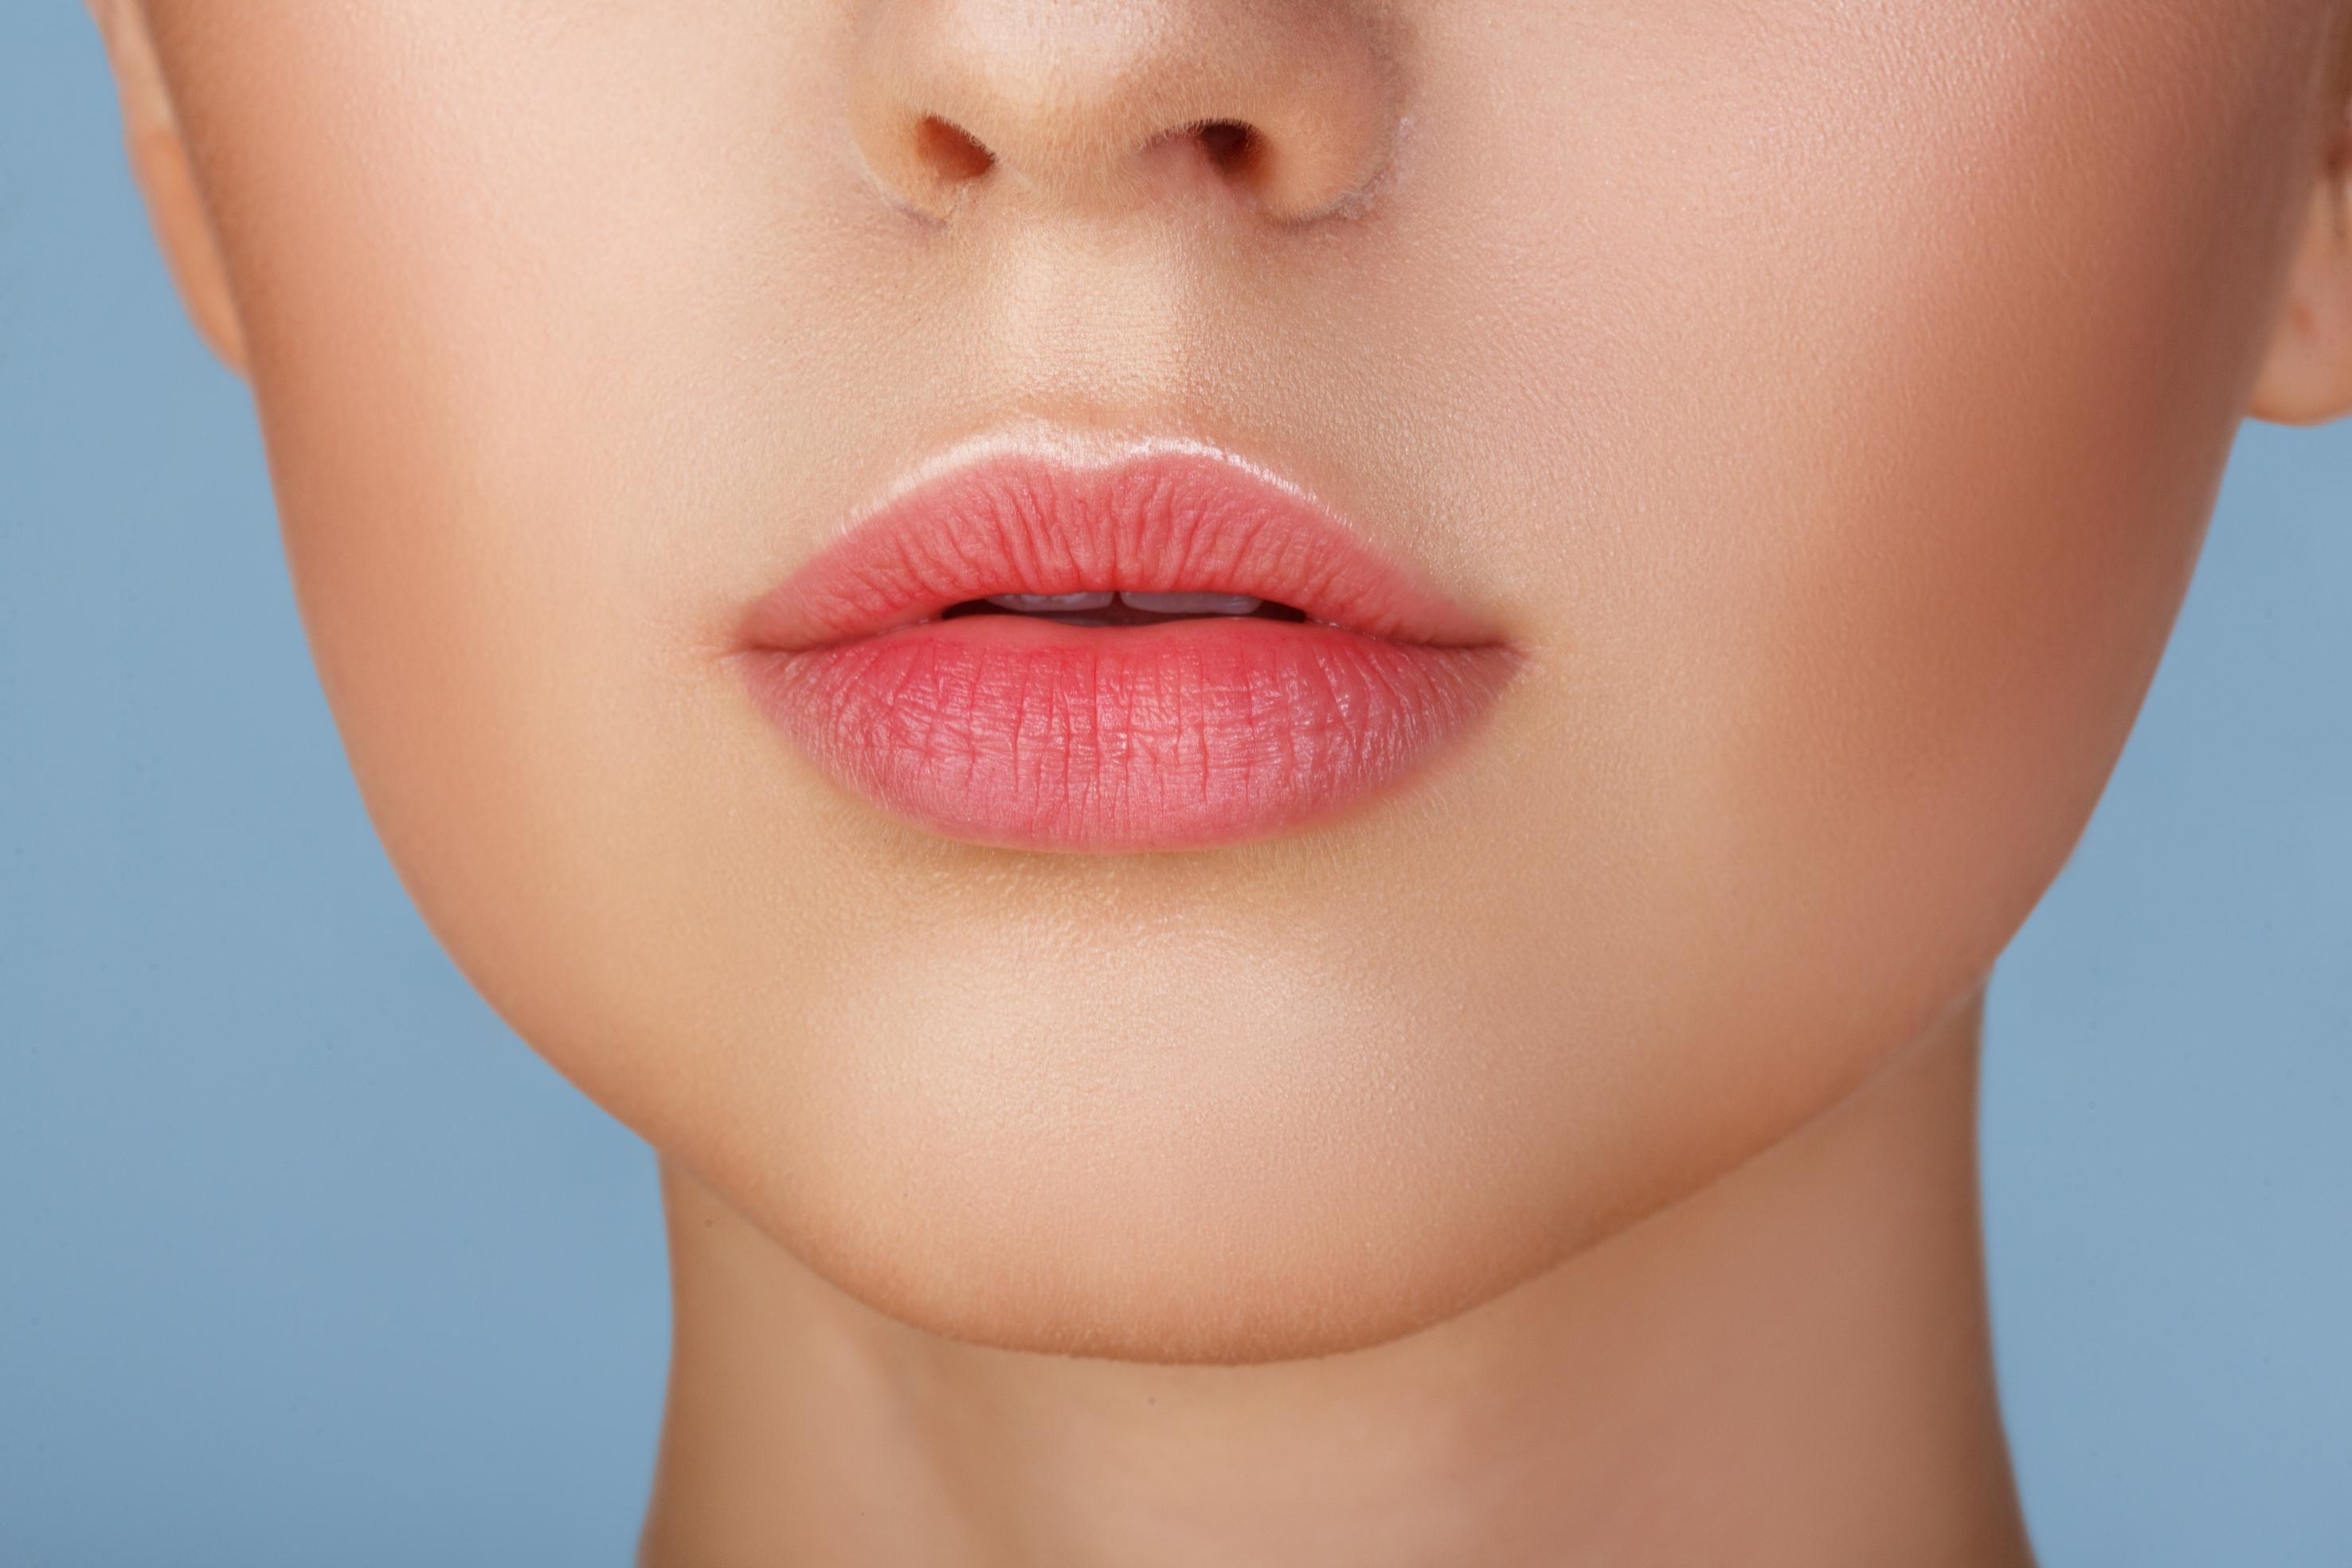 Bewezen: Dít is de meest aantrekkelijke lipvorm